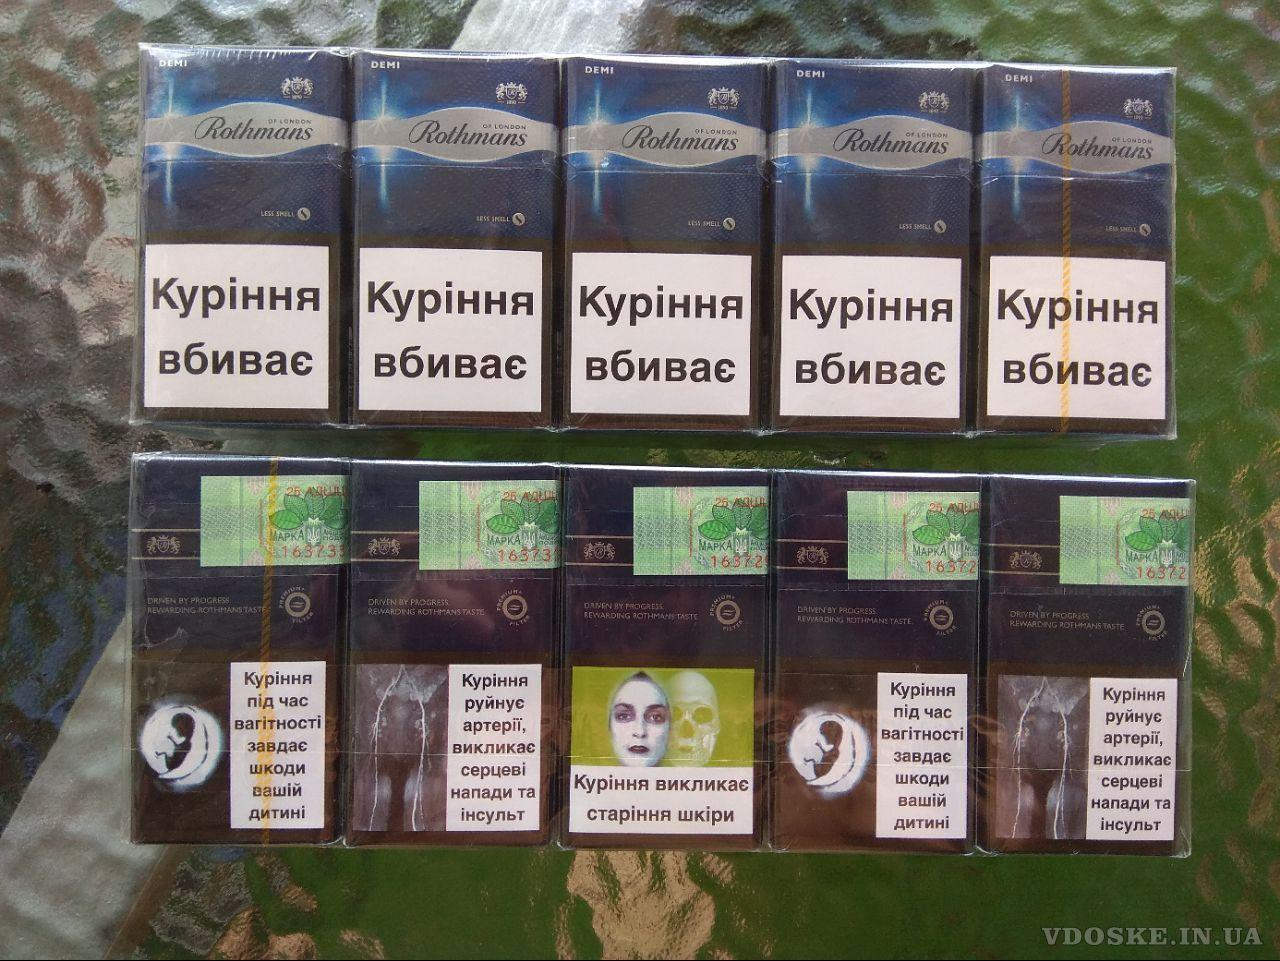 Продам сигареты с Укр акцизом оптом от 10 блоков (6)